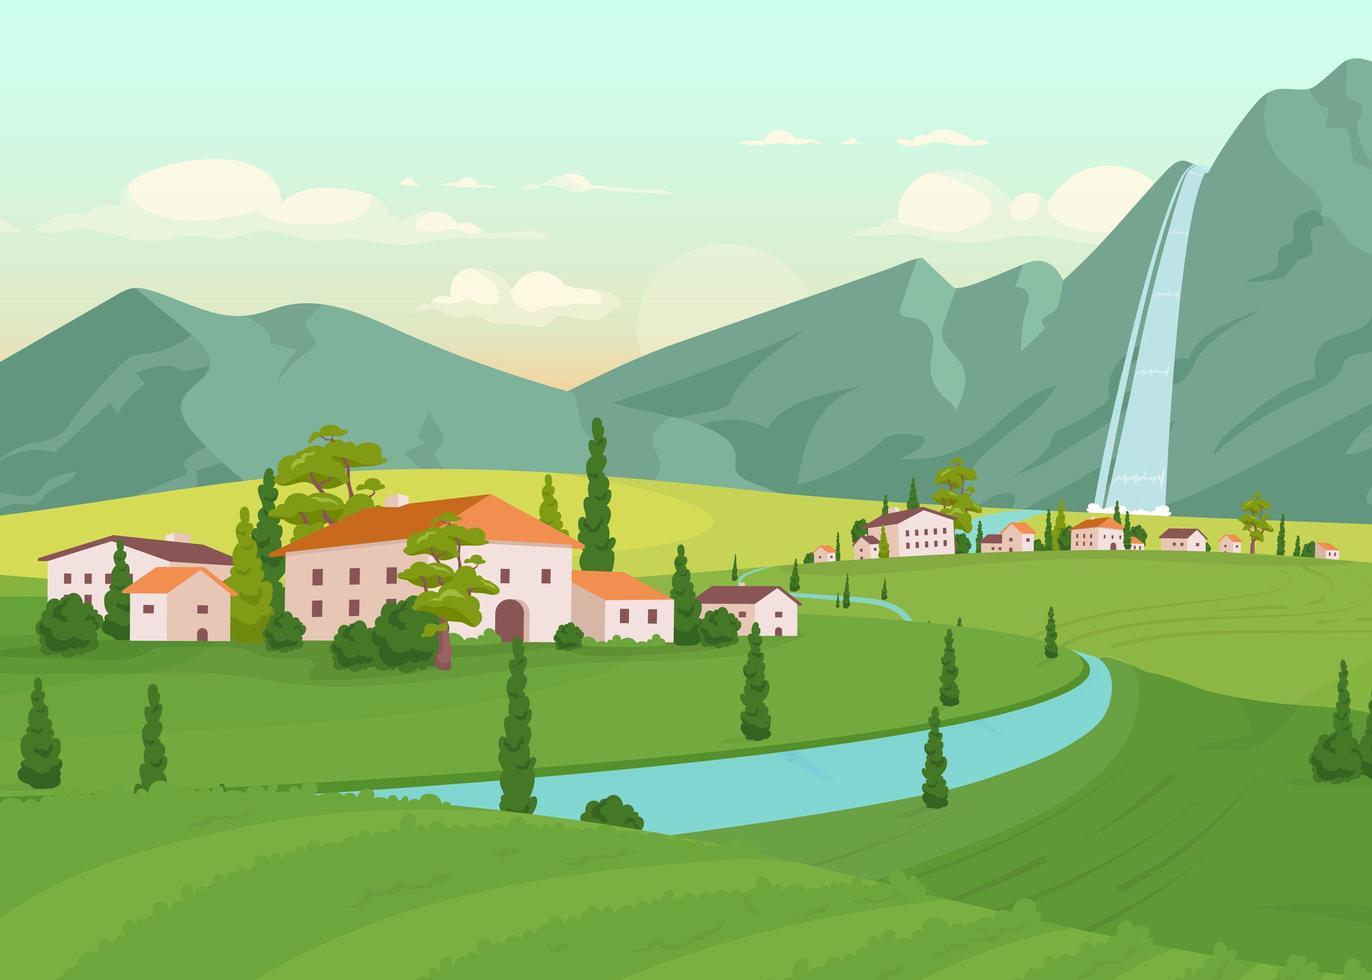 Toscana landskap platt färg vektorillustration vektor